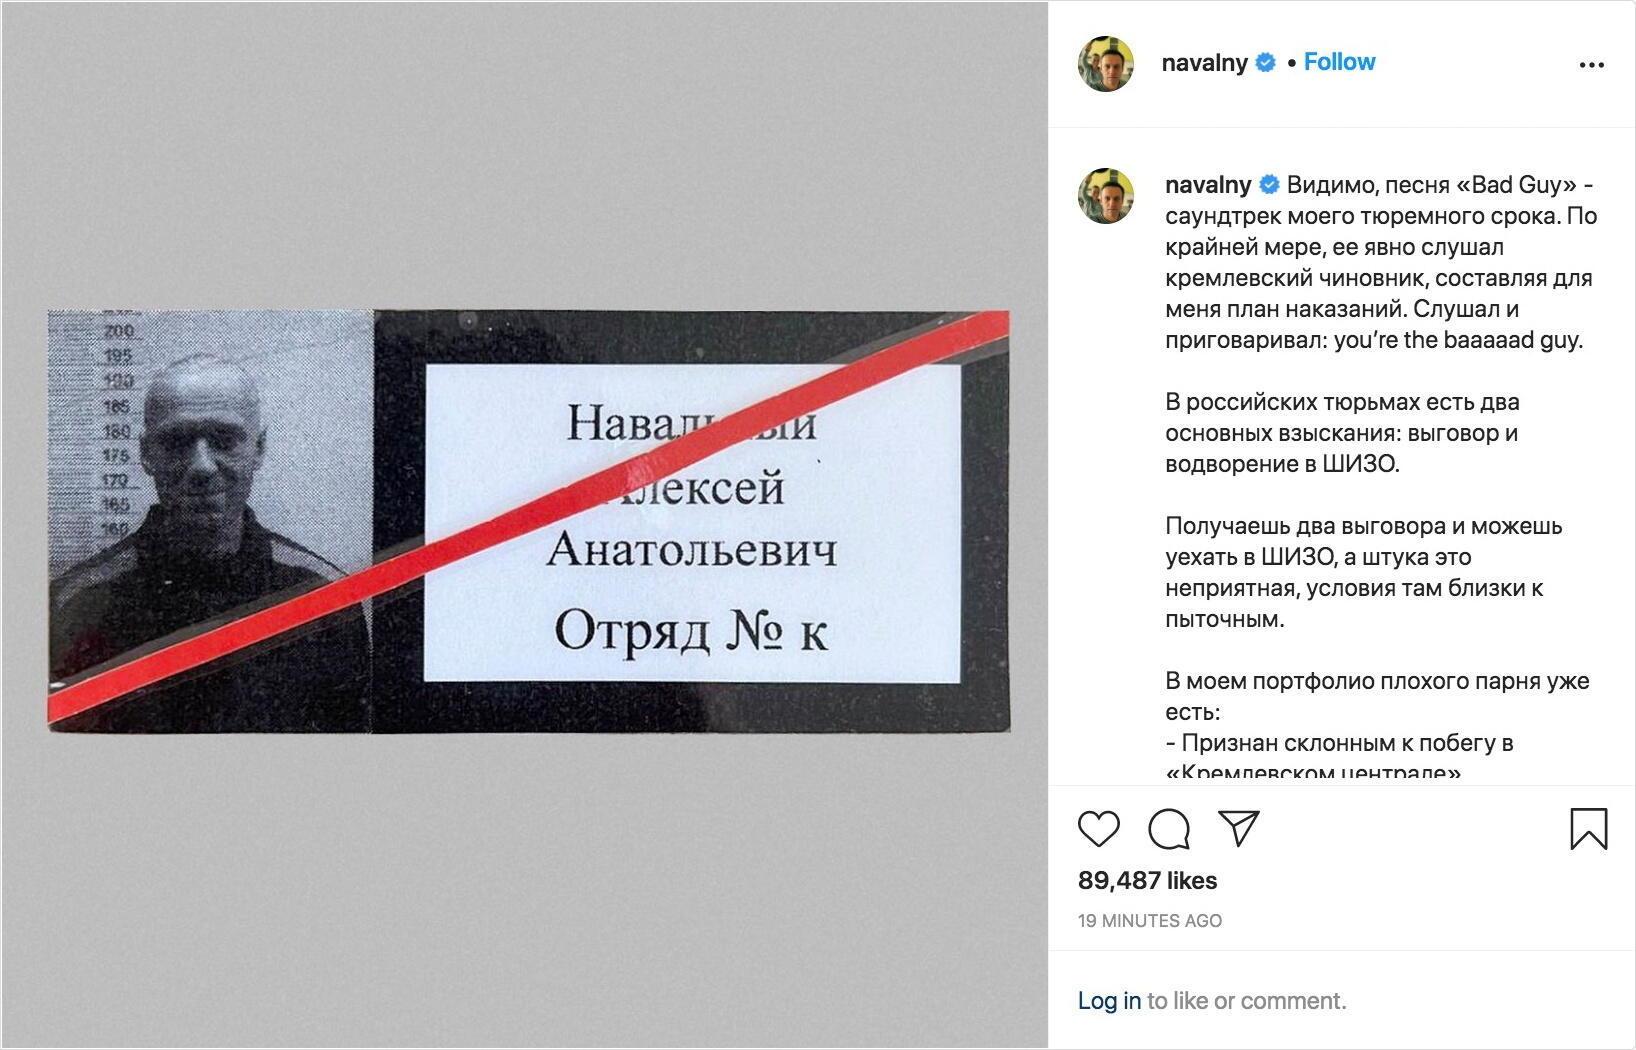 Сообщение Алексея Навального, переданное из ИК-2 Владимирской области.